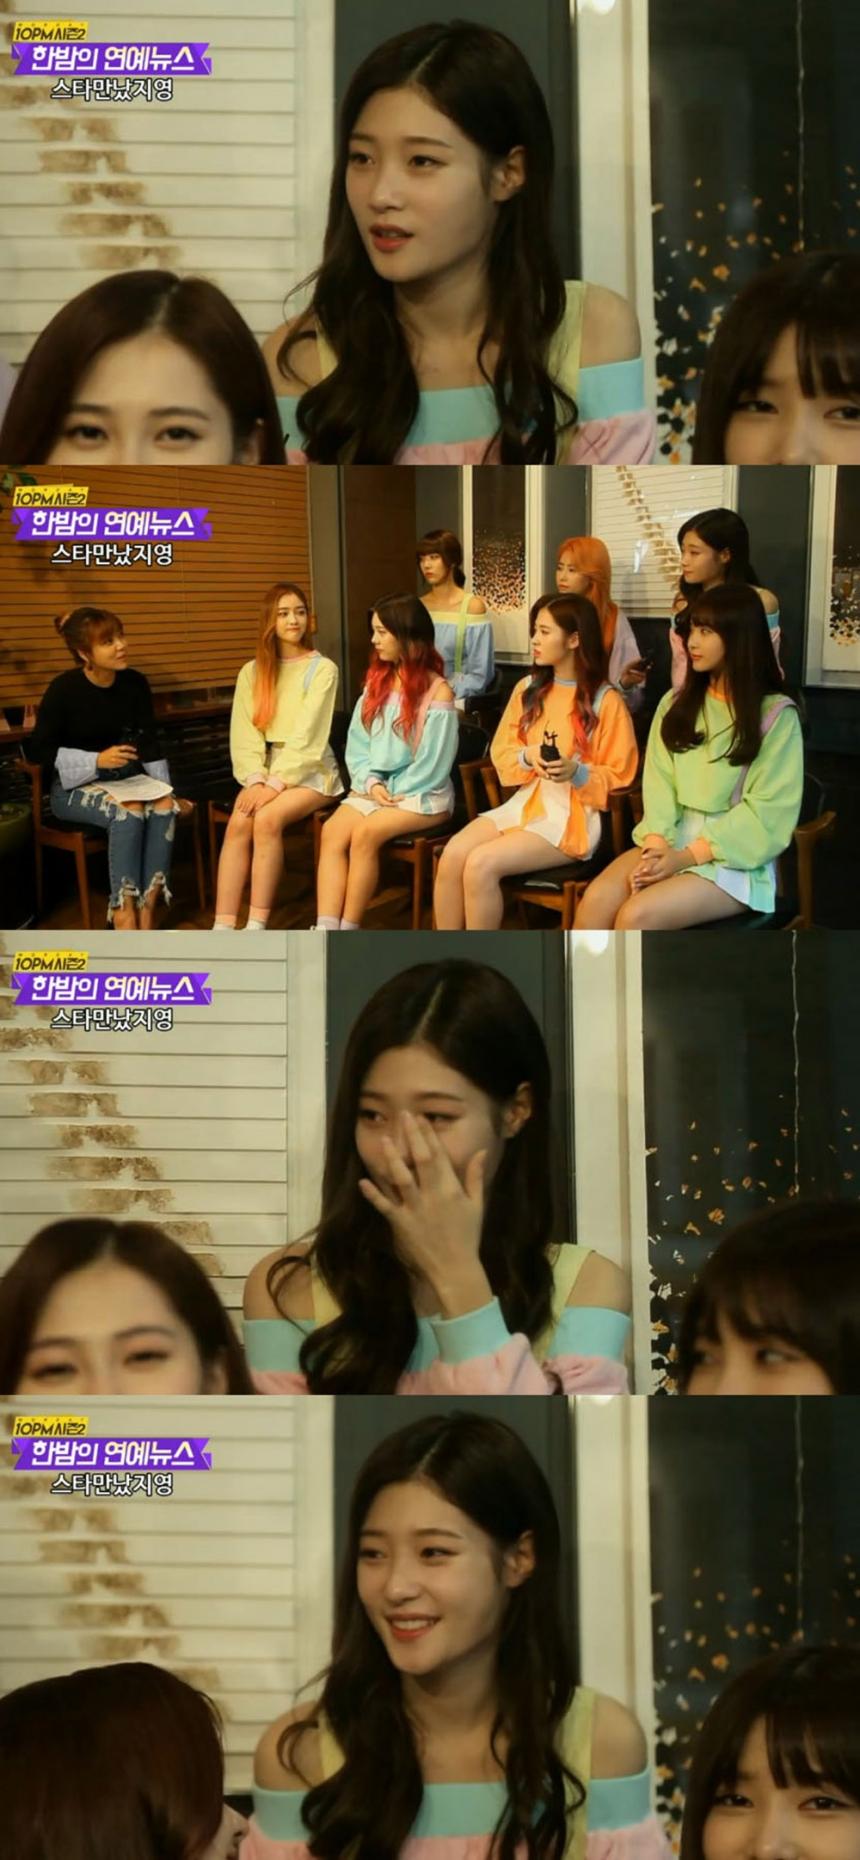 다이아(DIA) 정채연 / '10PM 시즌2' 방송 캡처